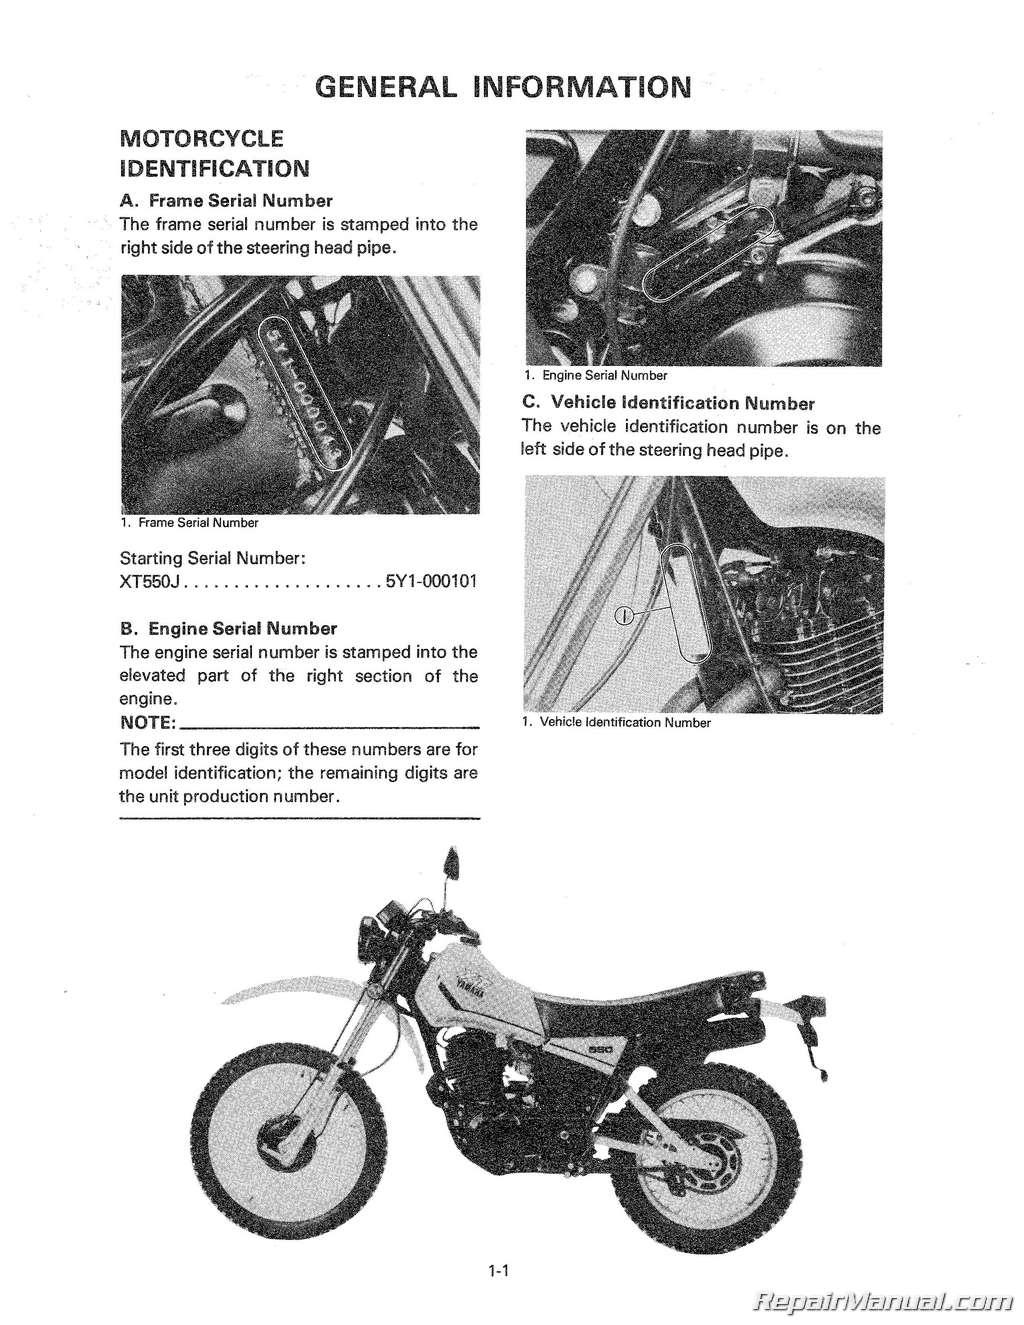 Yamaha Xt 550 Wiring Diagram Circuit Symbols 500 1982 Xt550 Motorcycle Service Repair Maintenance Manual Rh Repairmanual Com Specifications